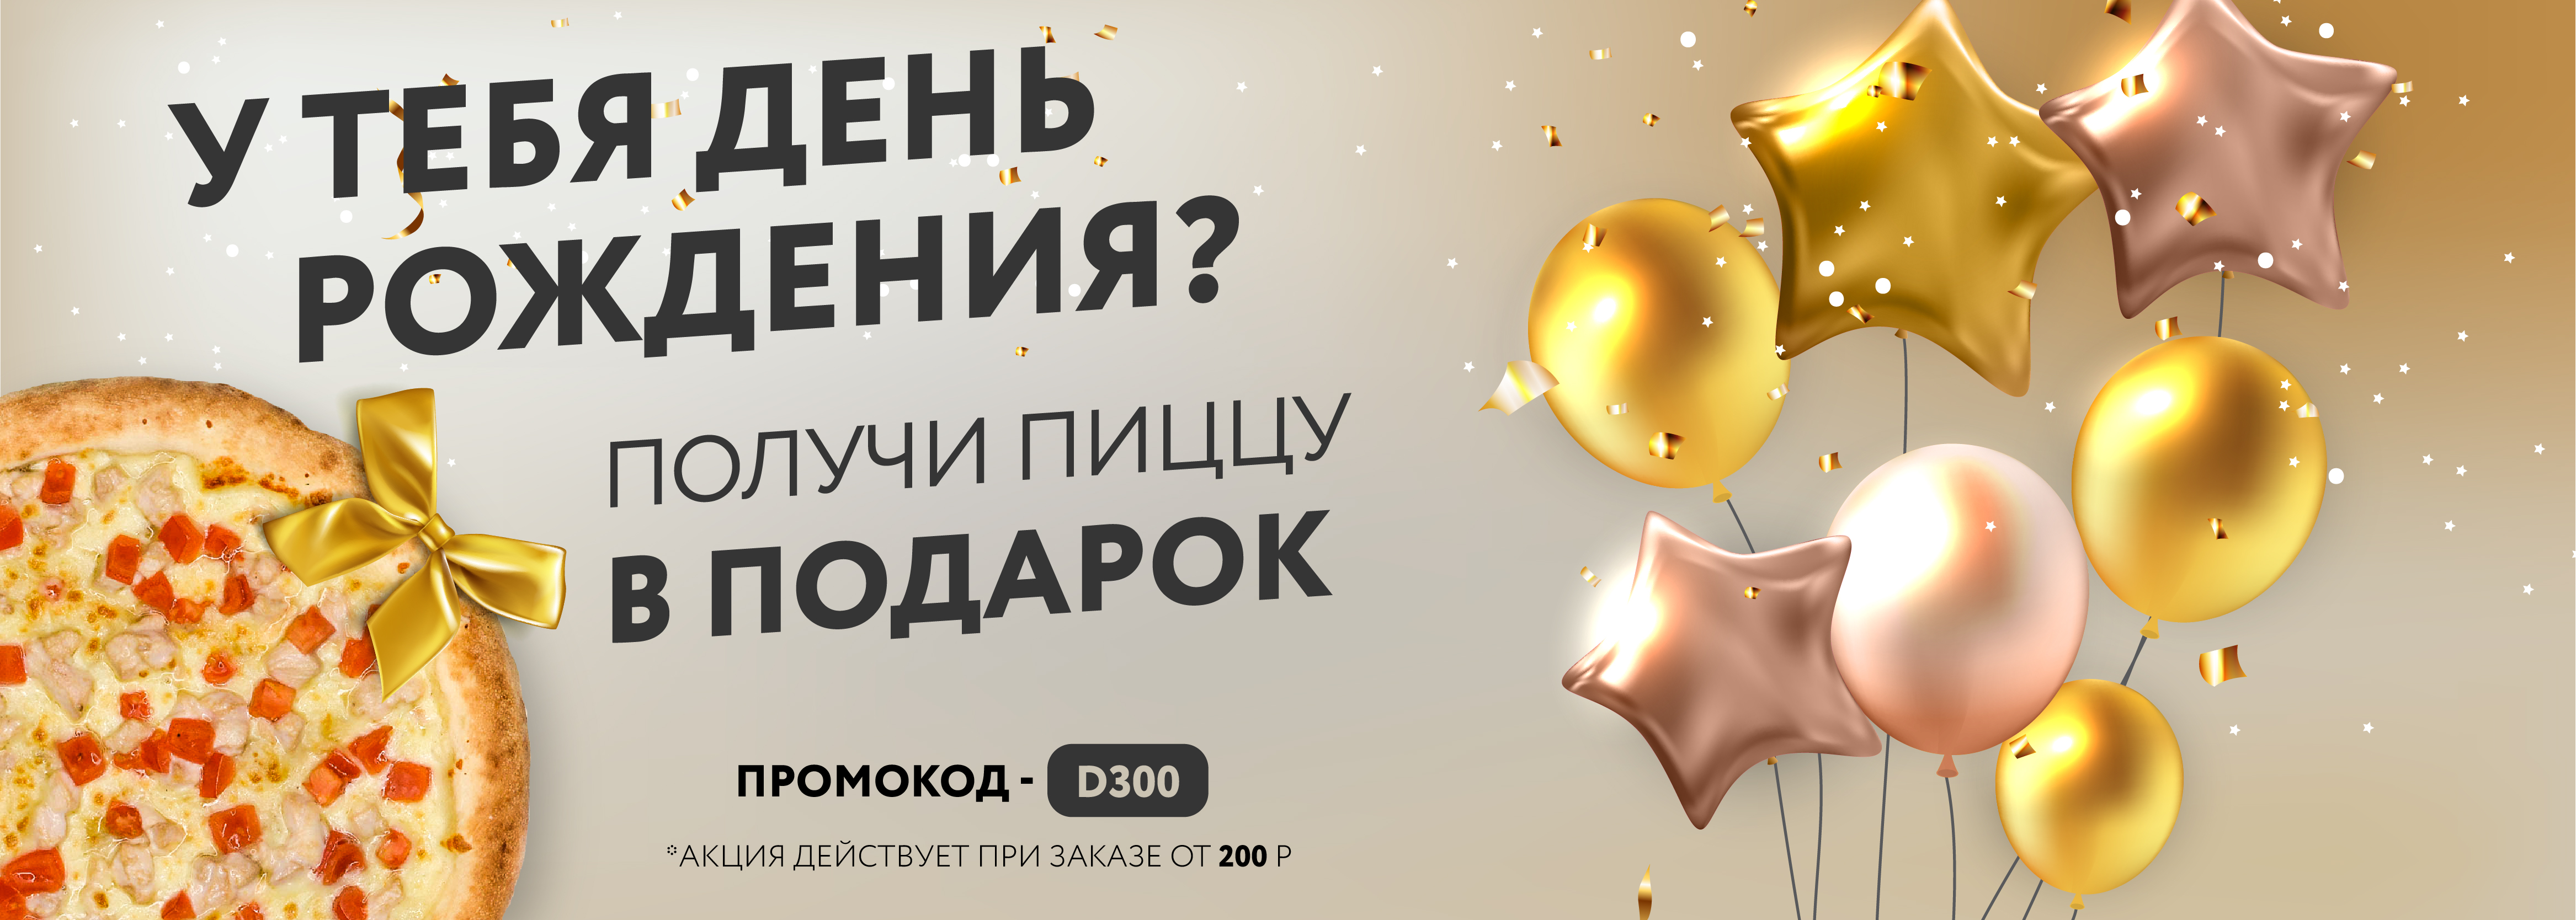 piccavpodarok-01